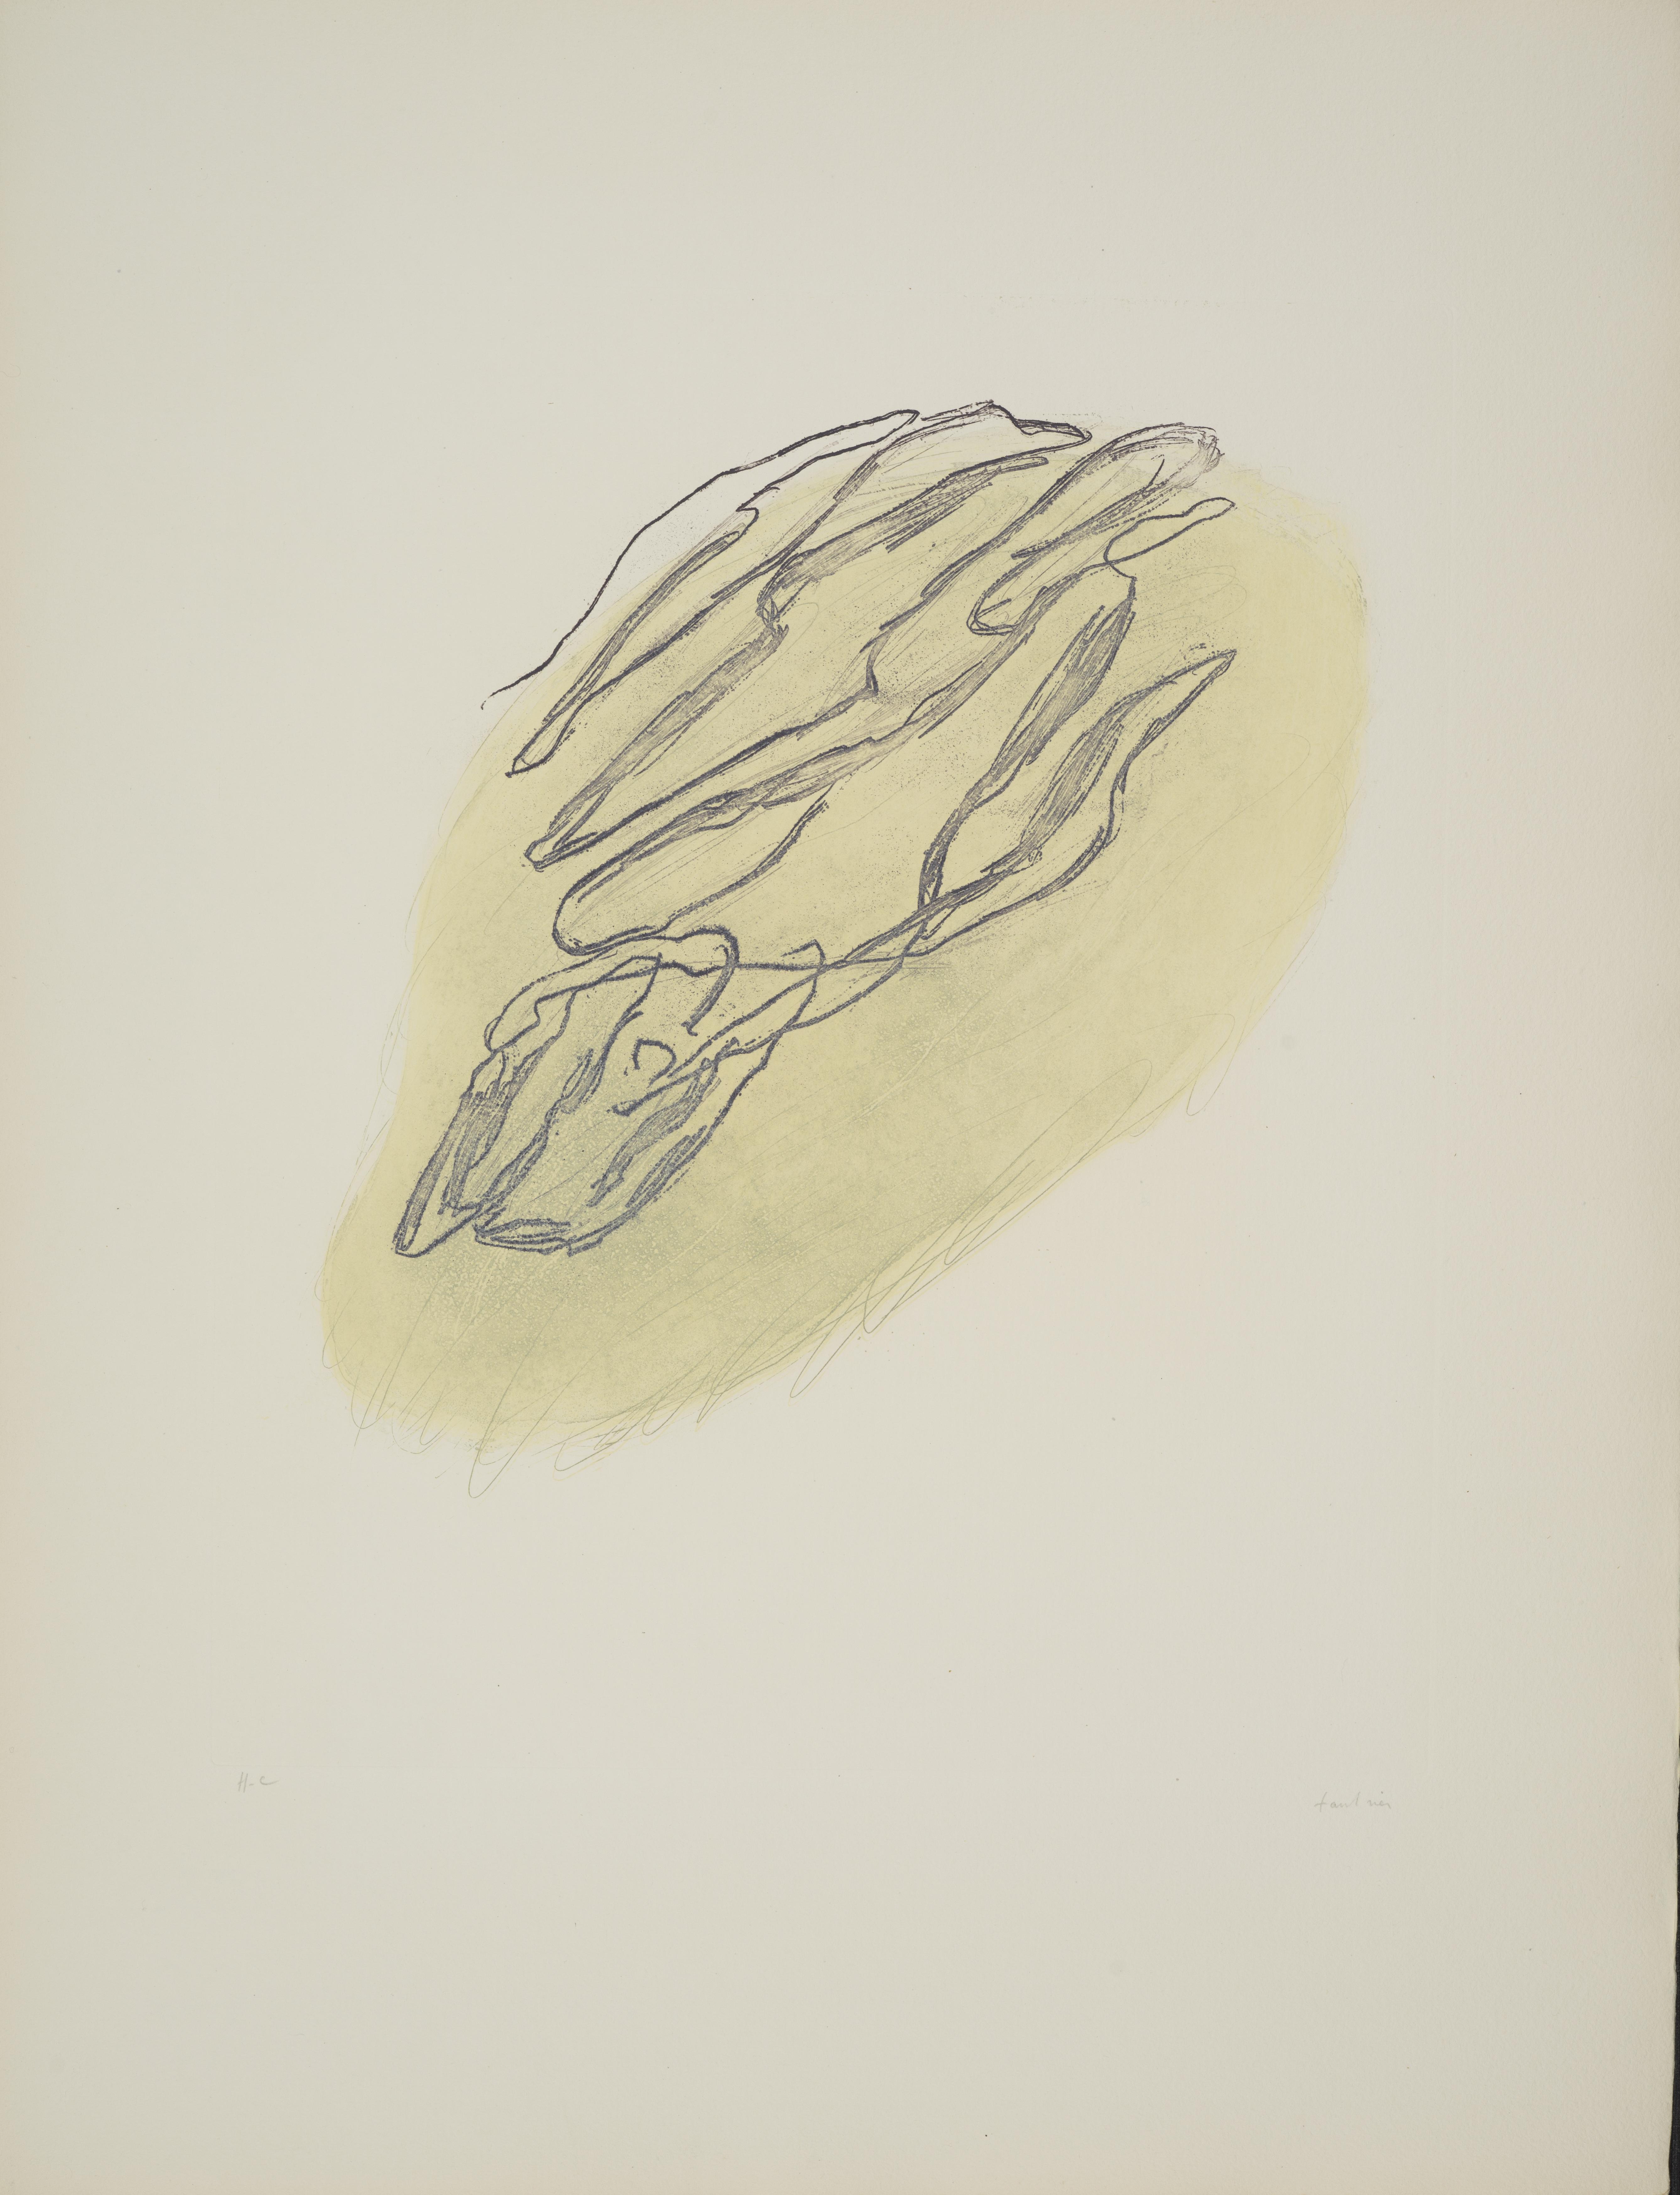 Lot 6 - Jean FAUTRIER (1898-1964) - Formes végétales, 1947 - Eau-forte et auquatinte en [...]